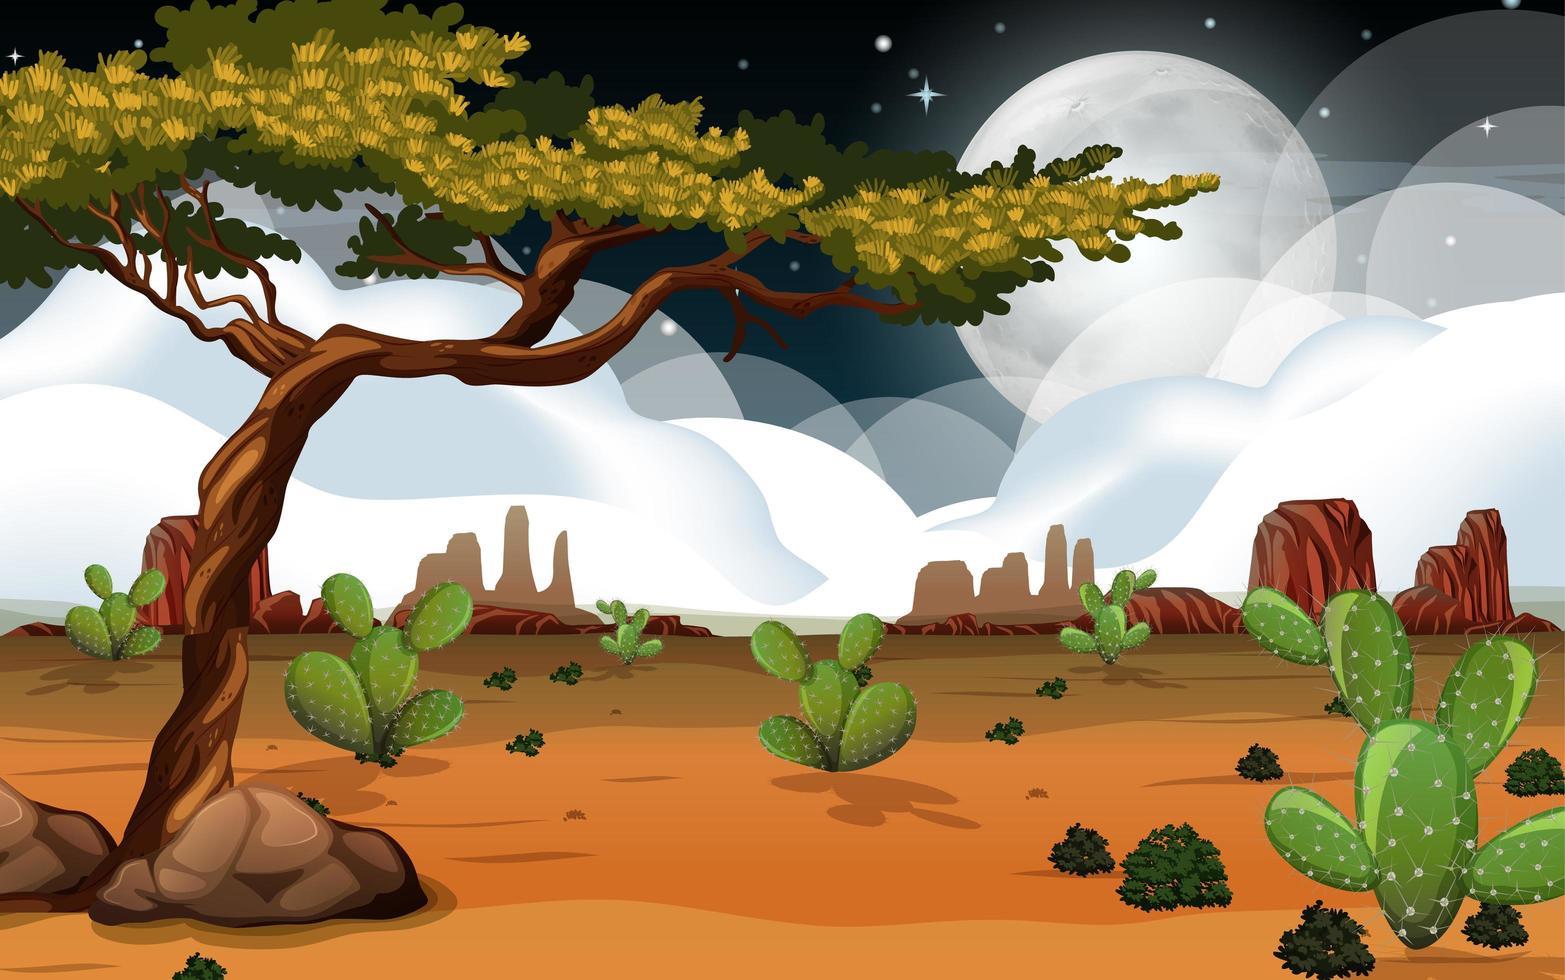 wilde Wüstenlandschaft in der Nacht vektor